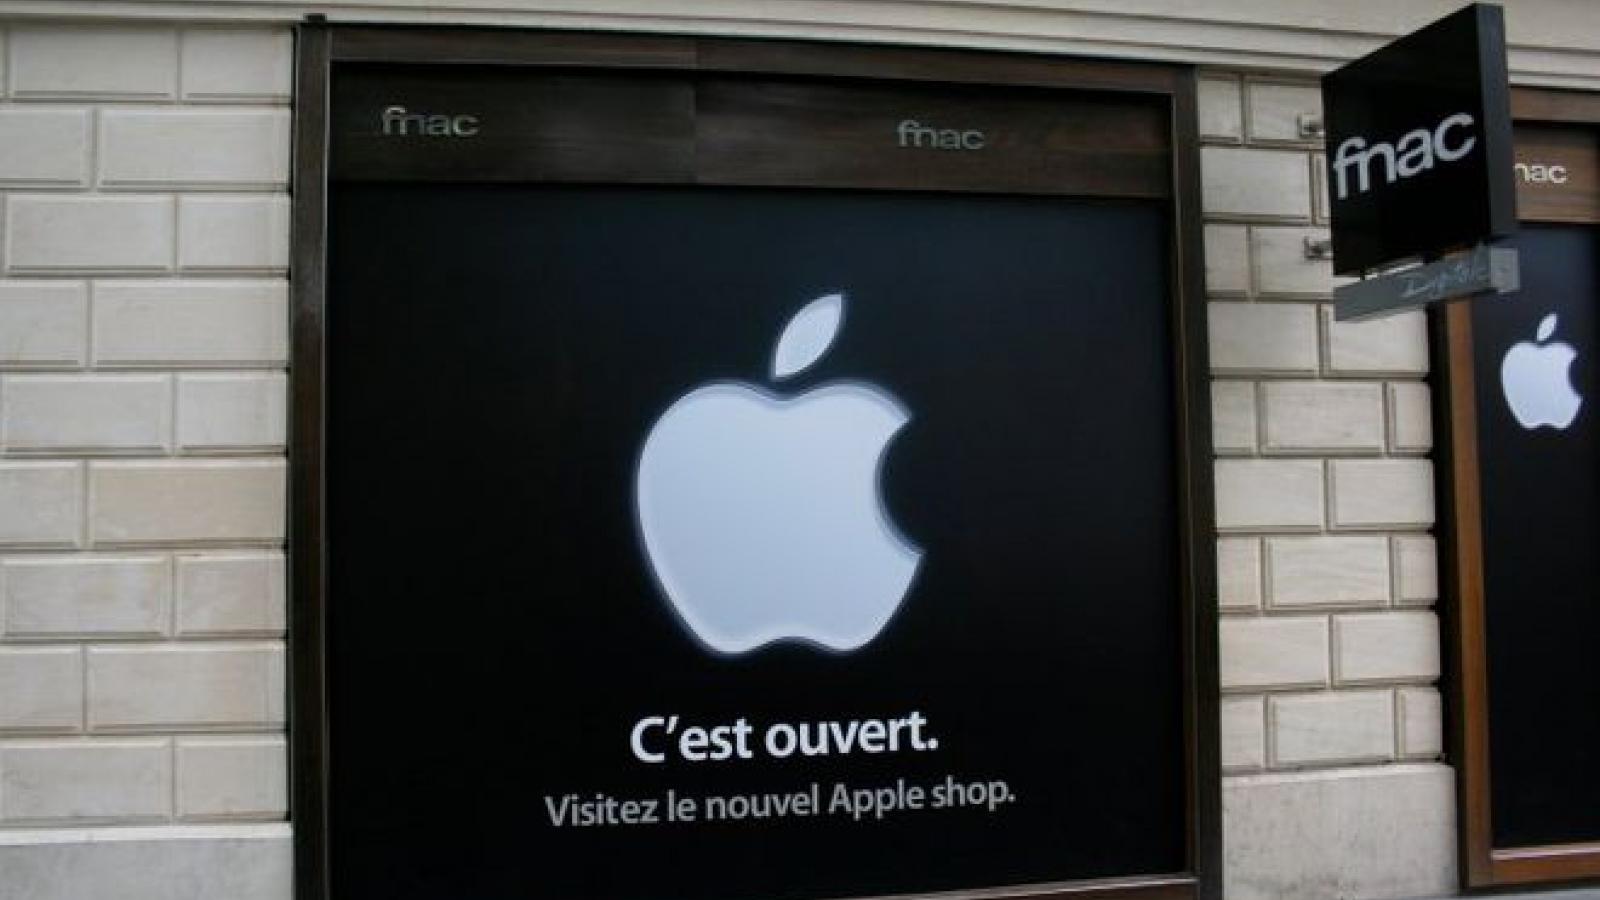 Pháp tố Apple lấy dữ liệu người dùng, âm thầm chạy quảng cáo trên iPhone